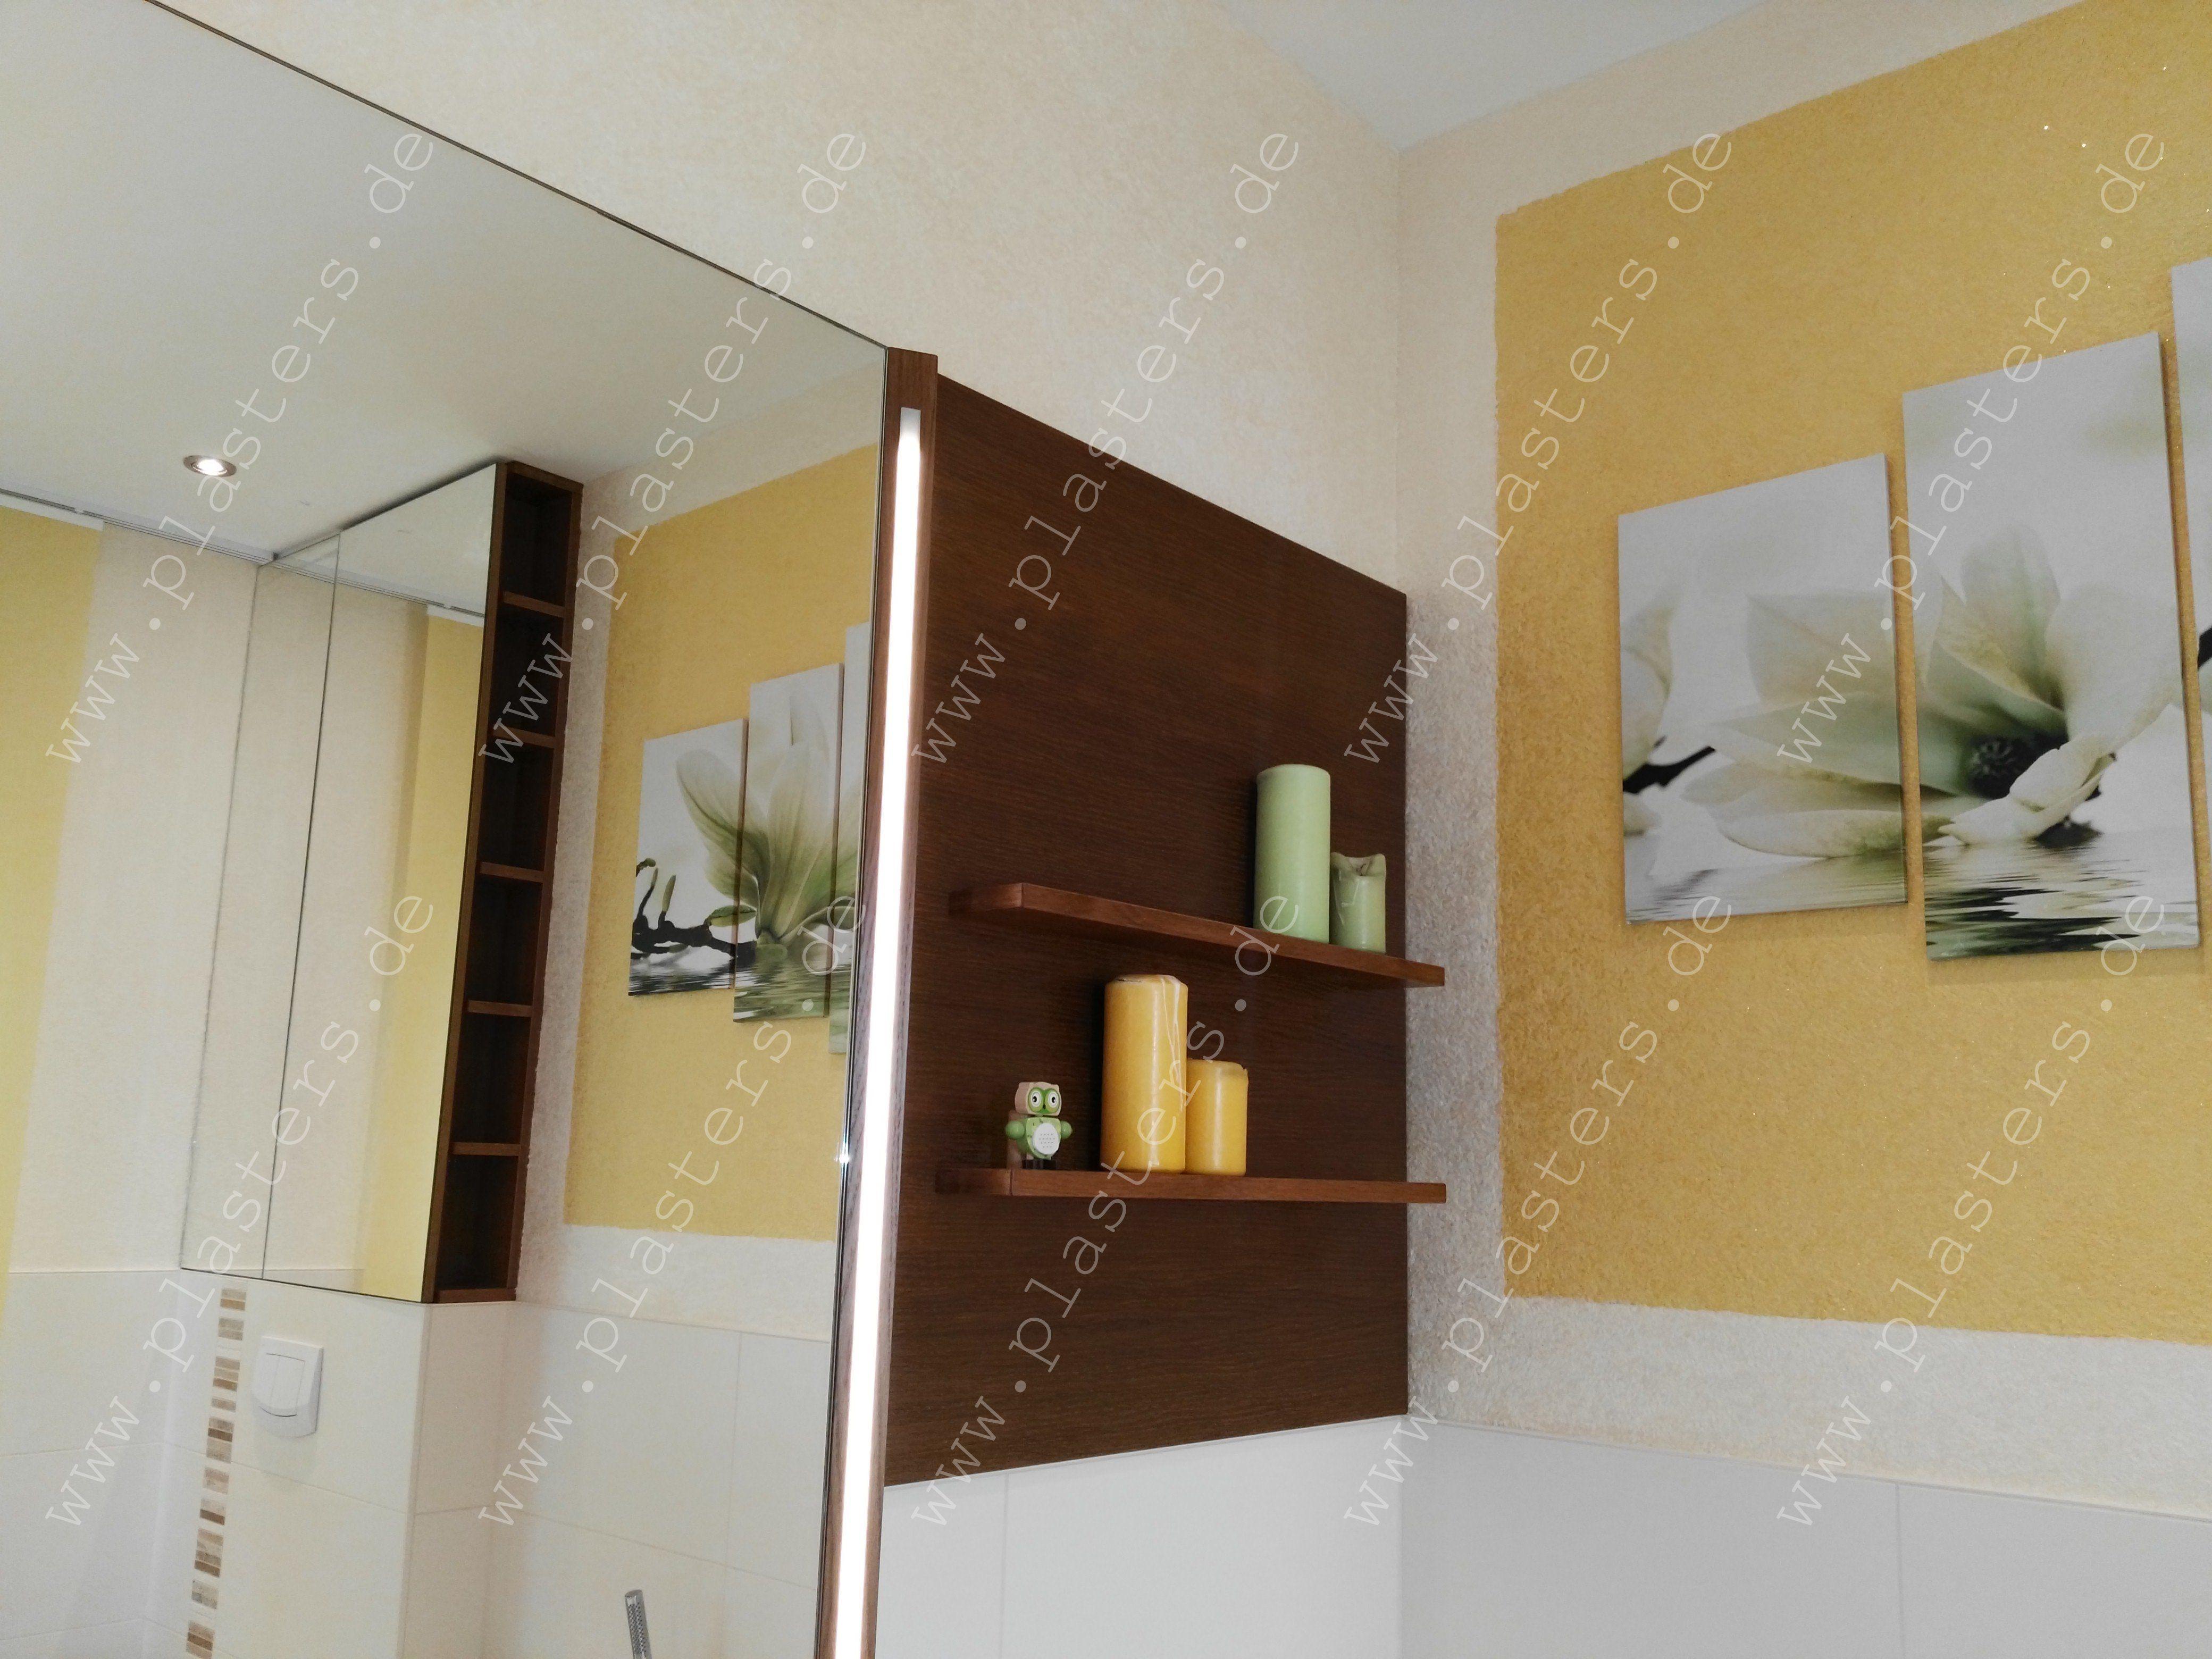 Vliestapete Badezimmer ~ Flüssigtapete im badezimmer tapete flüssigtapete